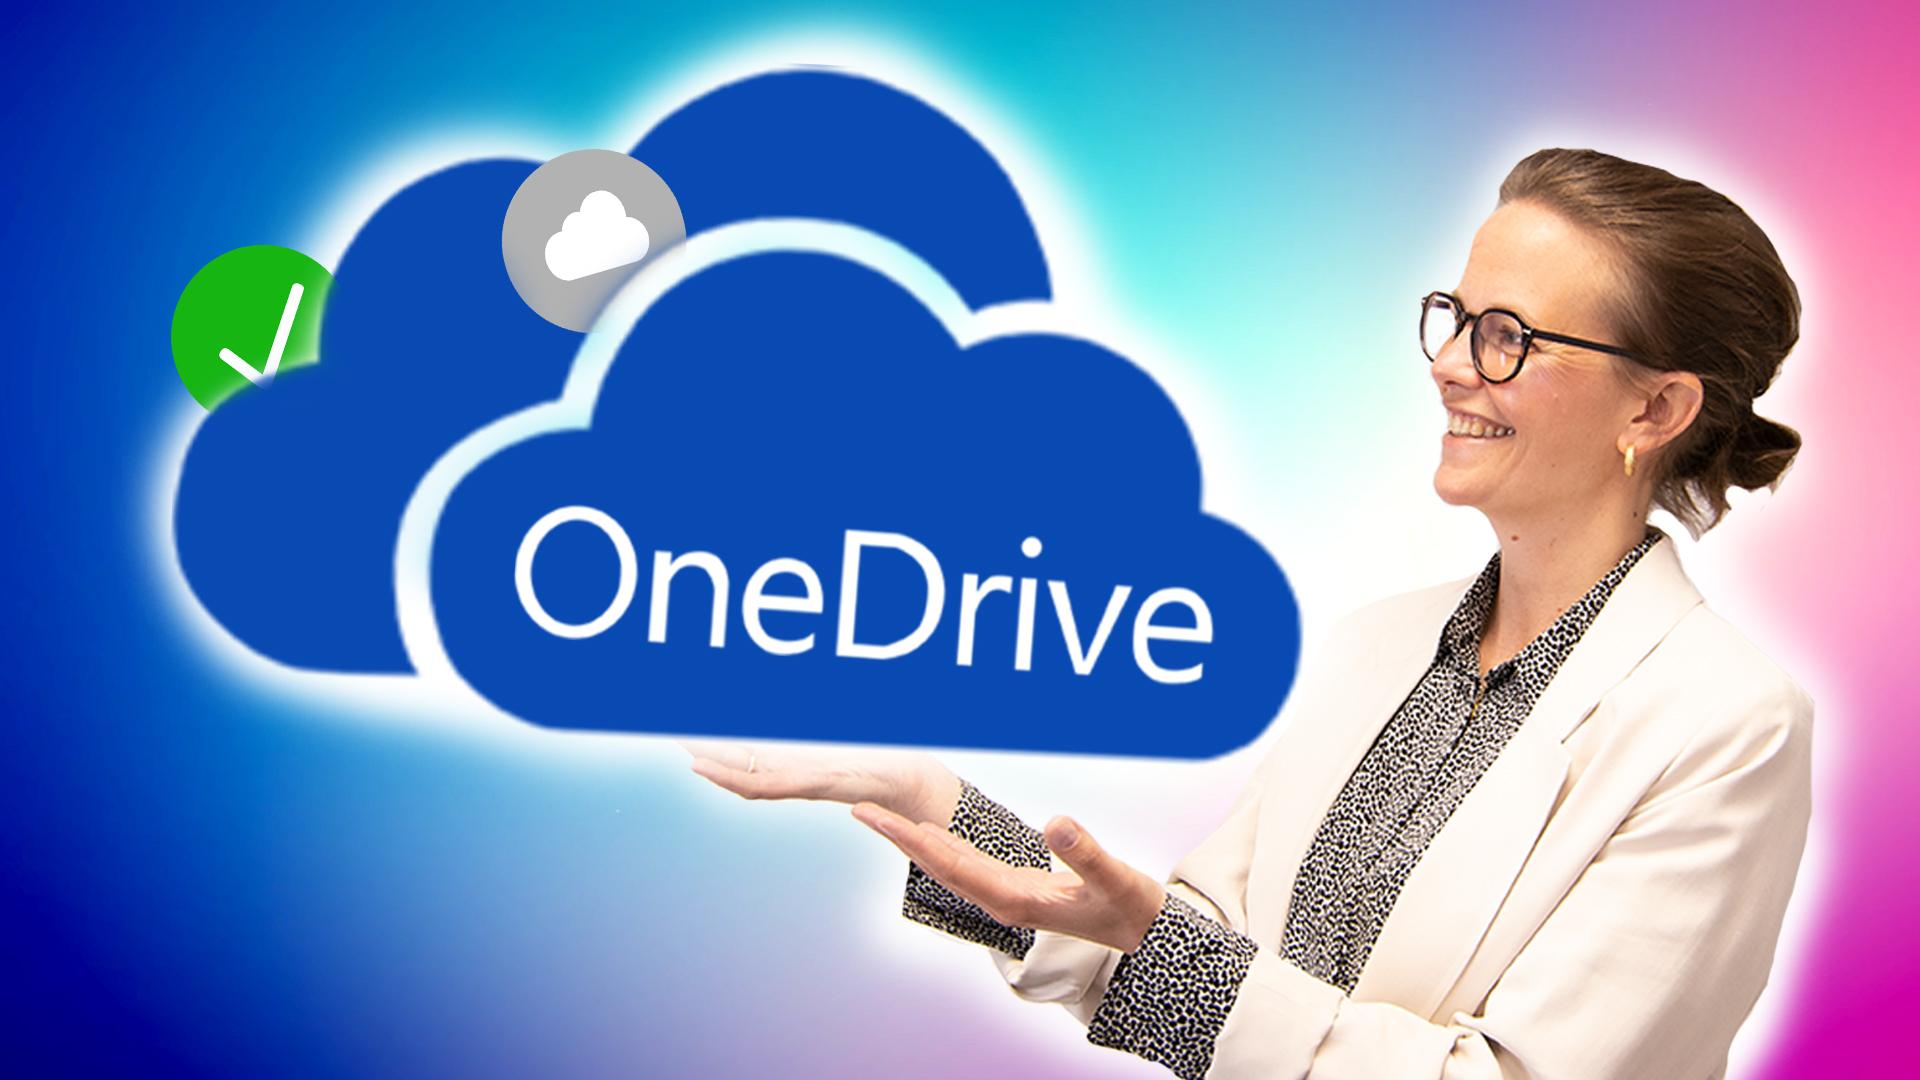 Hvordan kan du synkronisere i OneDrive